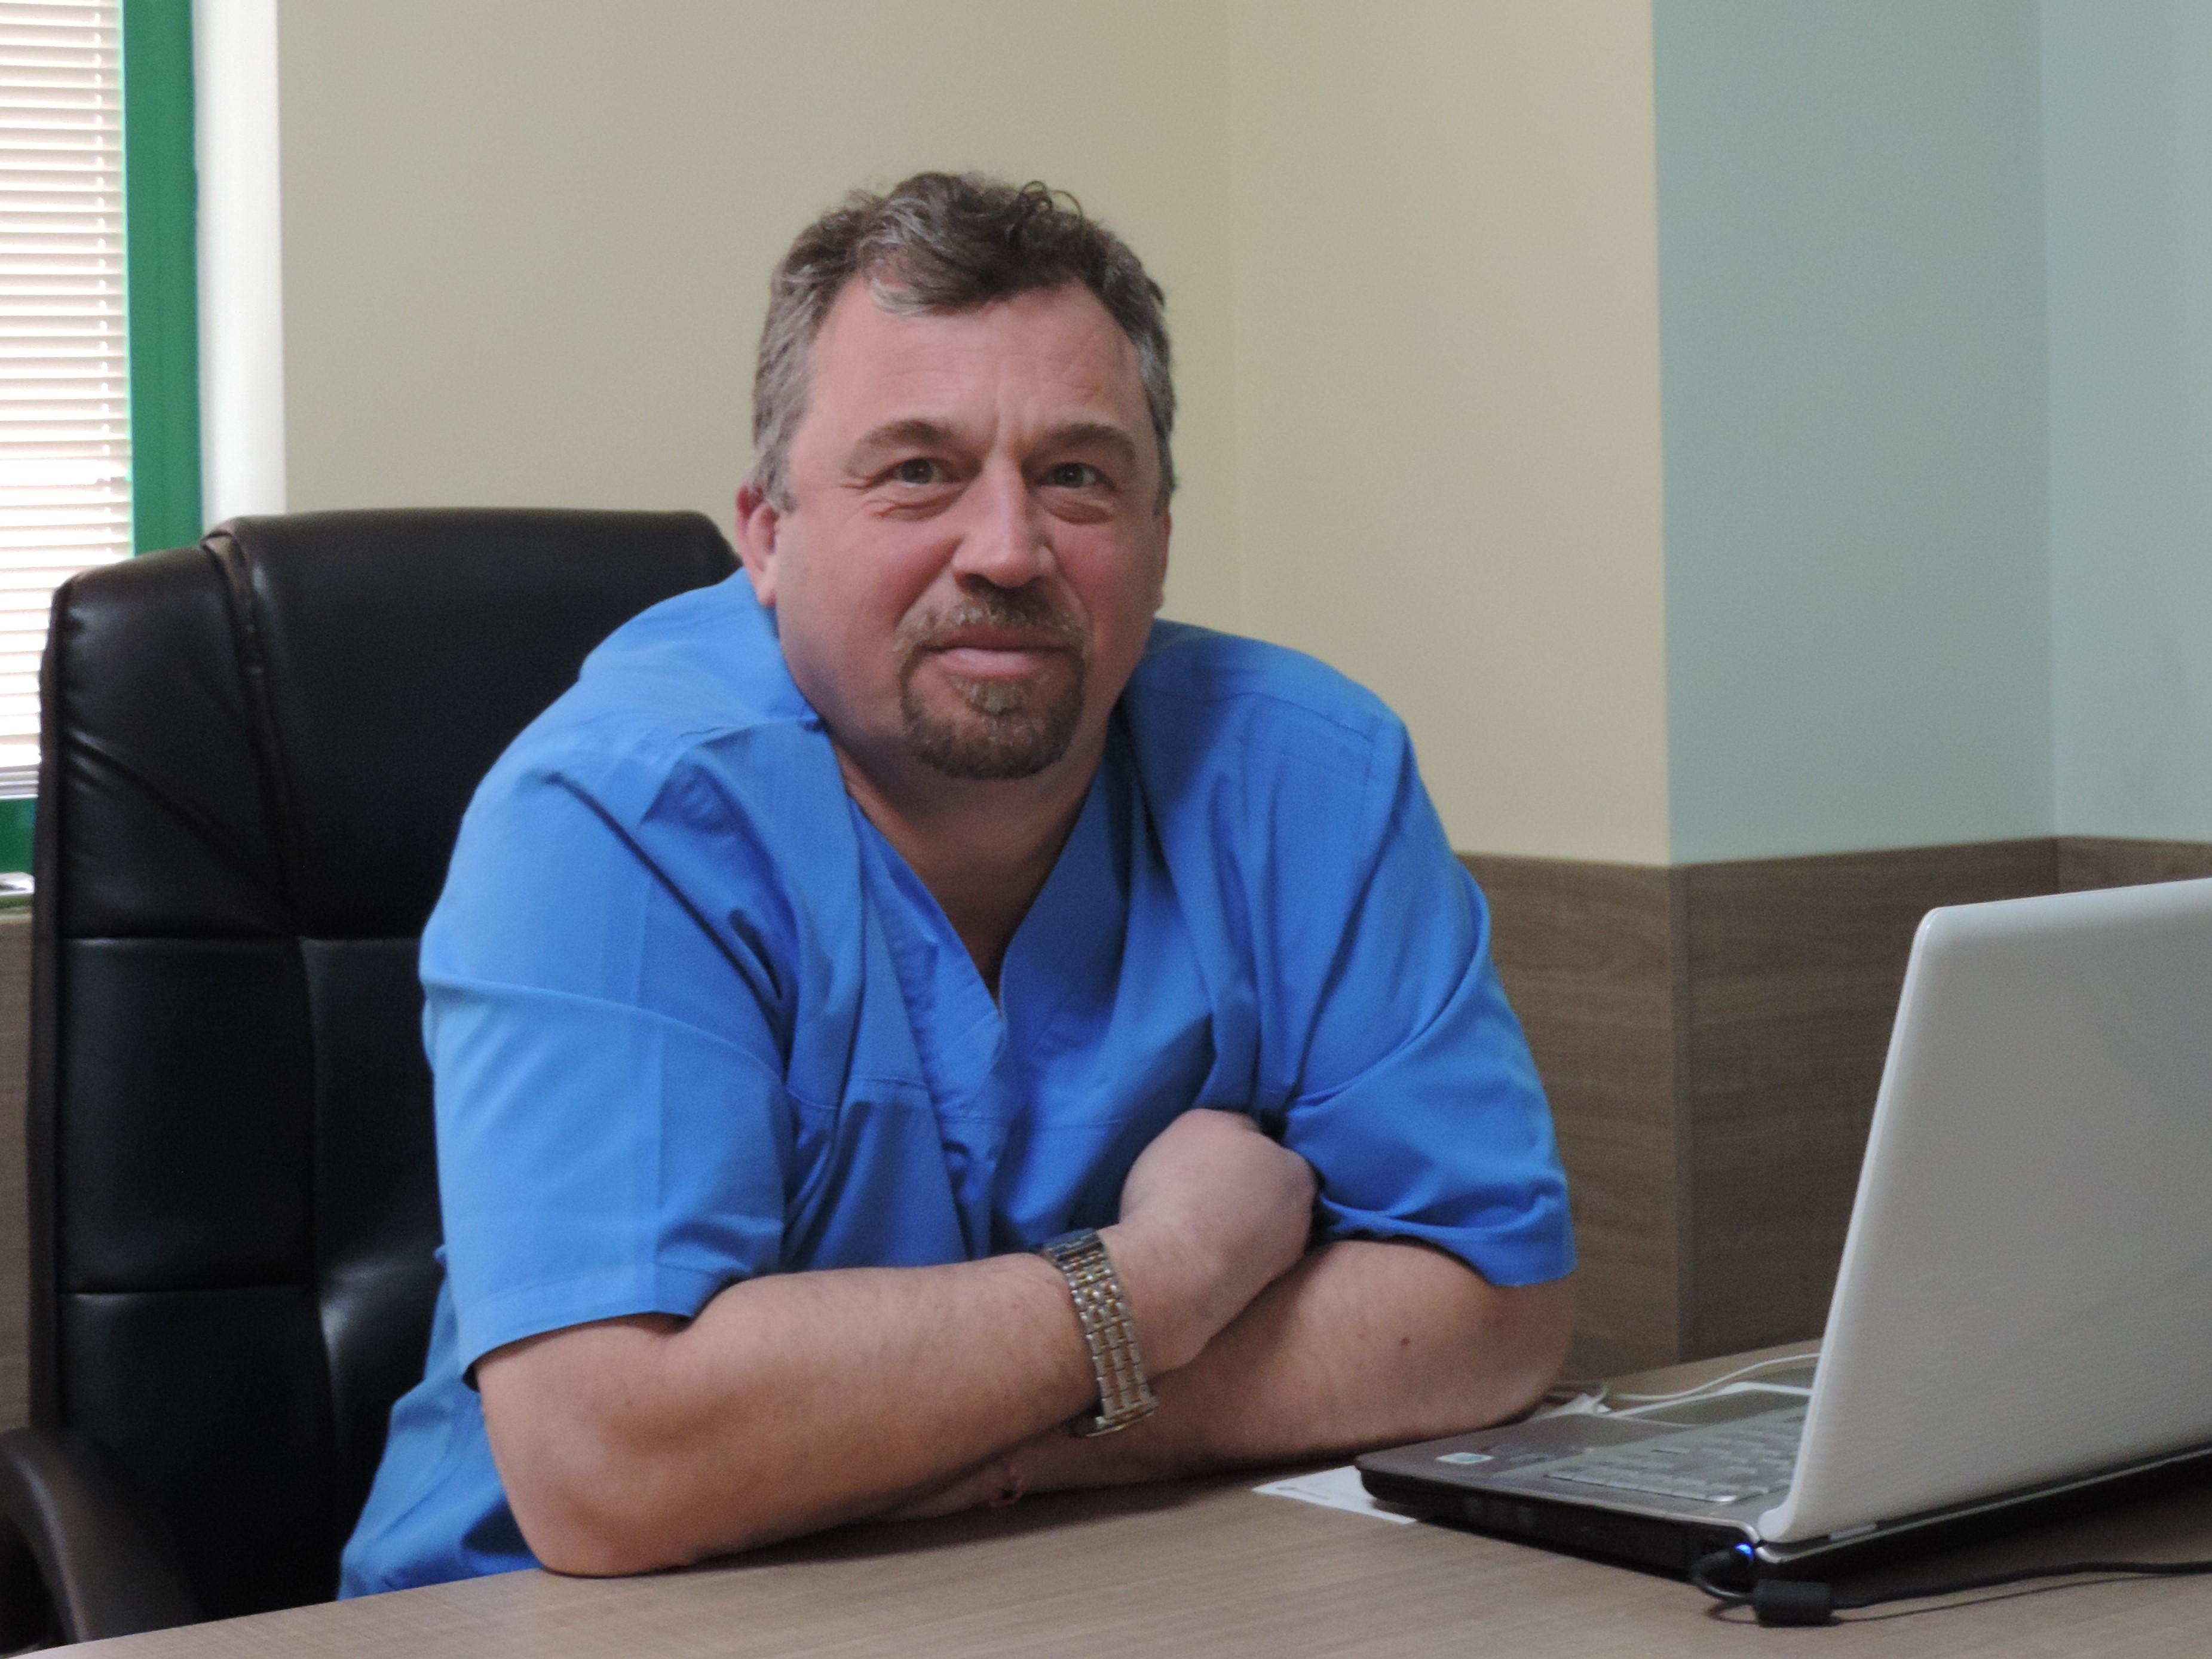 Д-р Иван Йорданов: Сънувах, че трябва да стана лекар и да помагам на хората